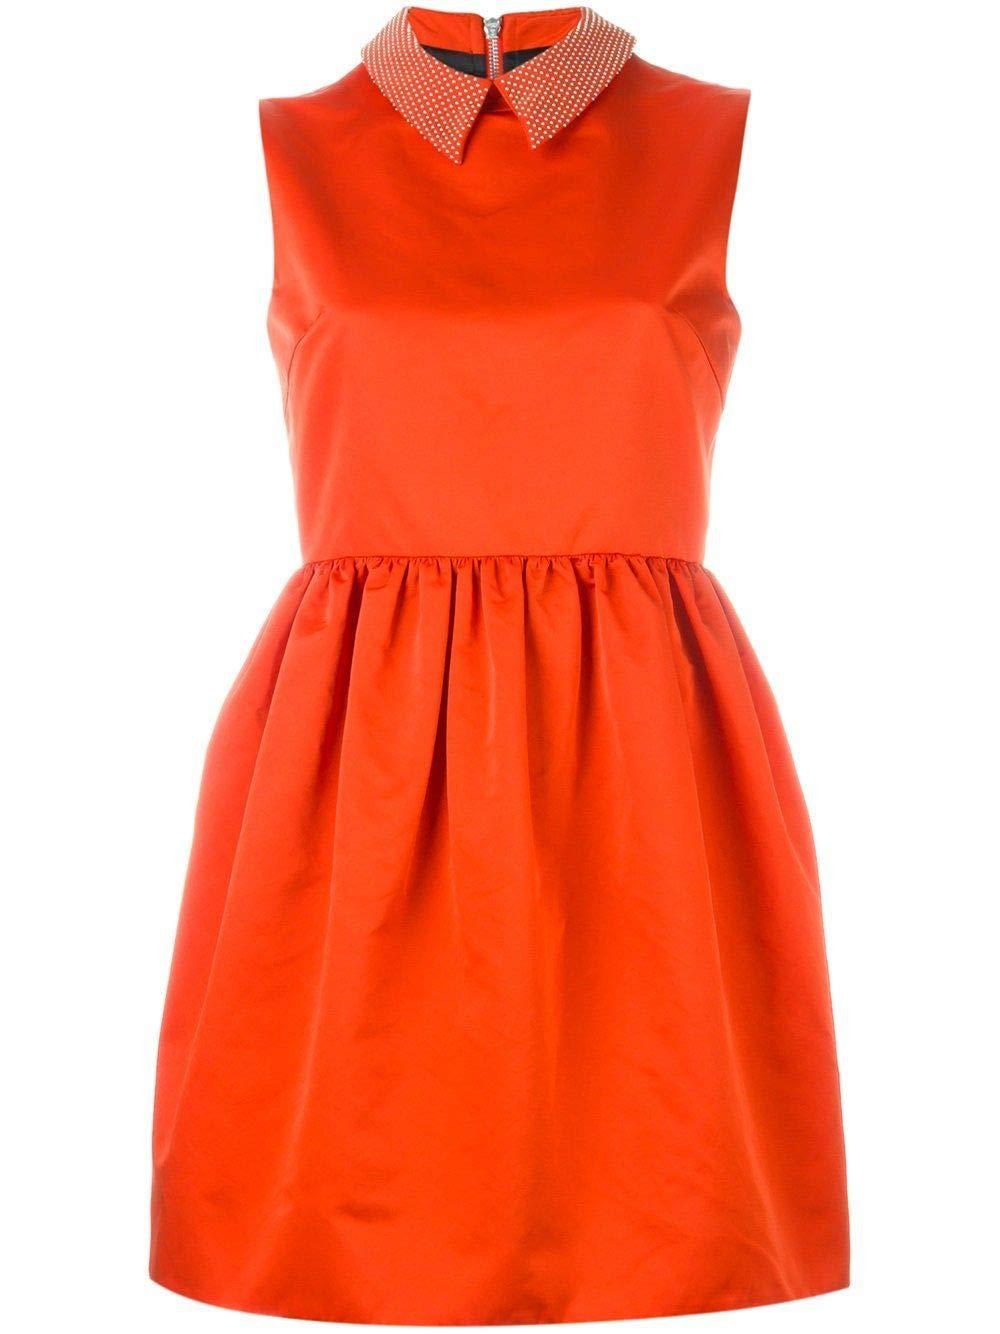 - Mcq By Alexander Mcqueen Women's 402991RGF10orange orange Polyester Dress